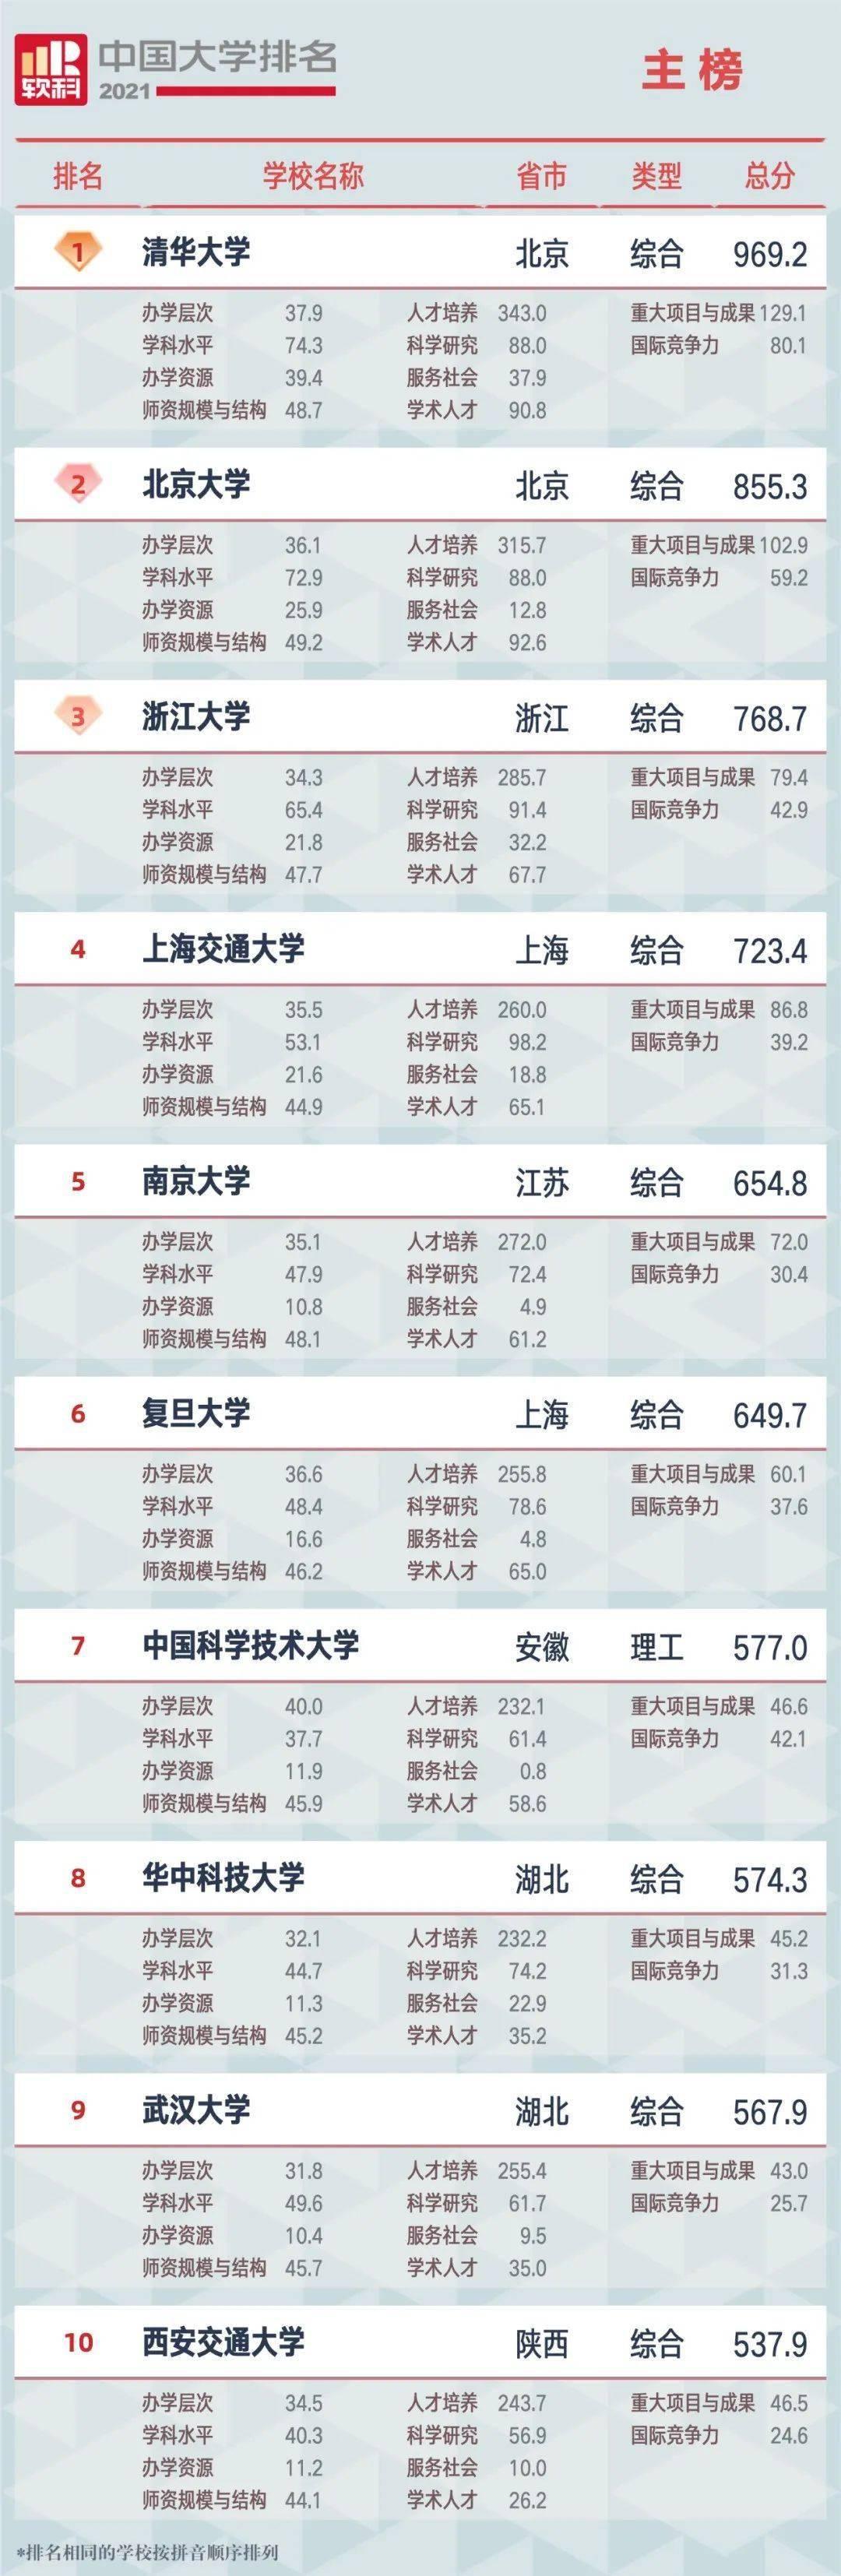 说说排行榜_看完2019年全国水质排行榜我们来说说南京的